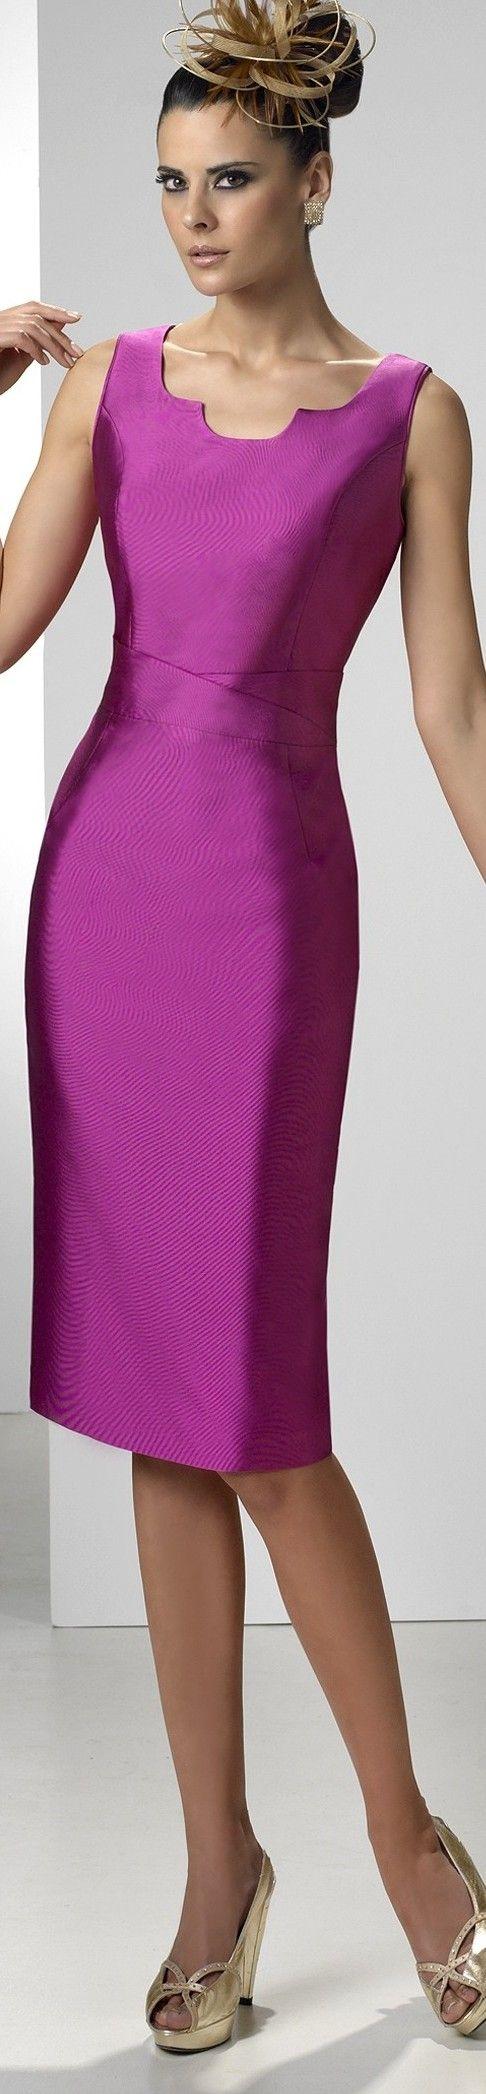 Raffaello 2015 women fashion outfit clothing style apparel @roressclothes closet ideas